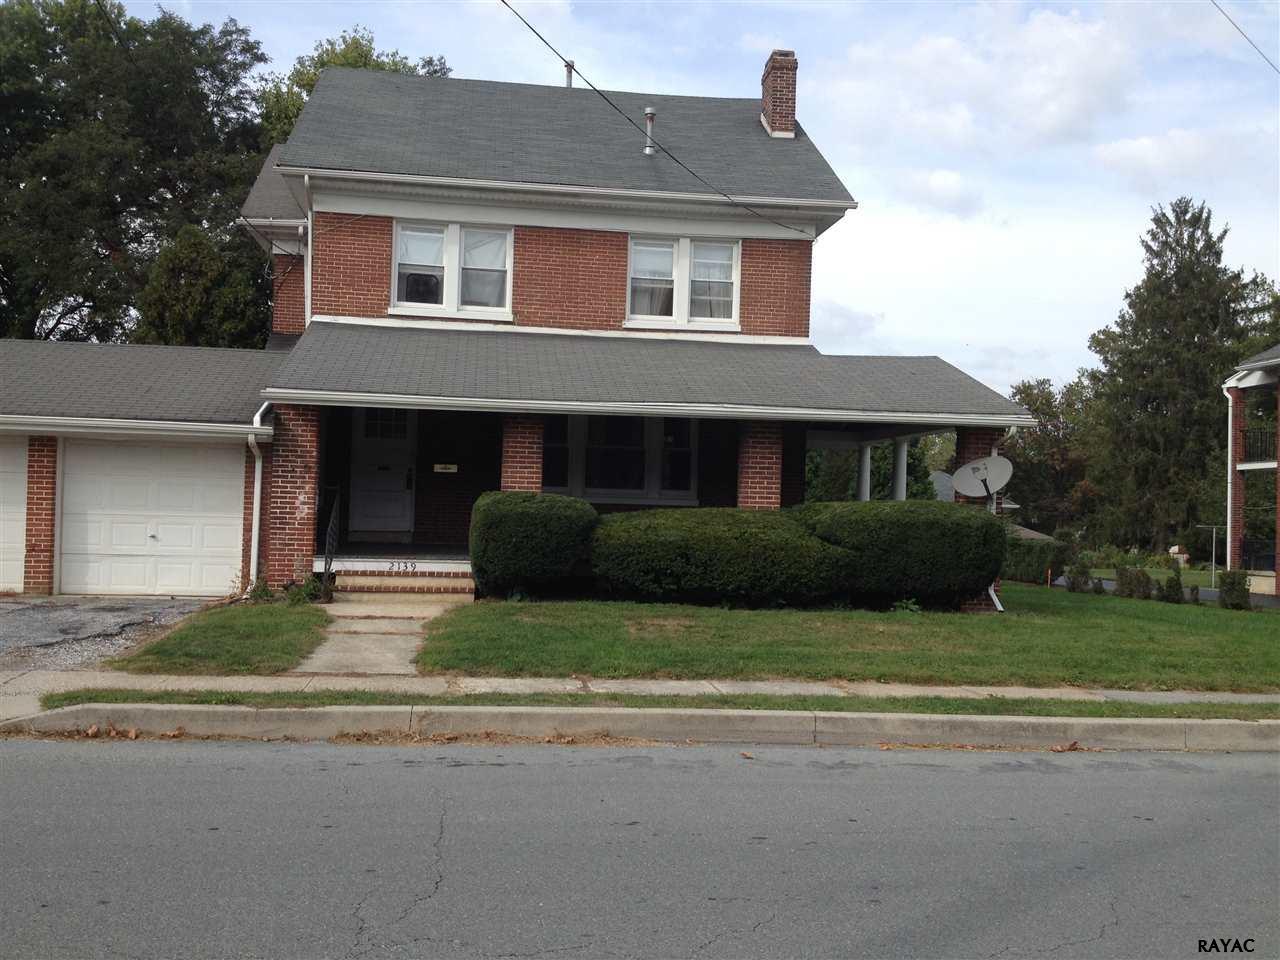 Rental Homes for Rent, ListingId:36392380, location: 2139 E philadelphia st York 17402